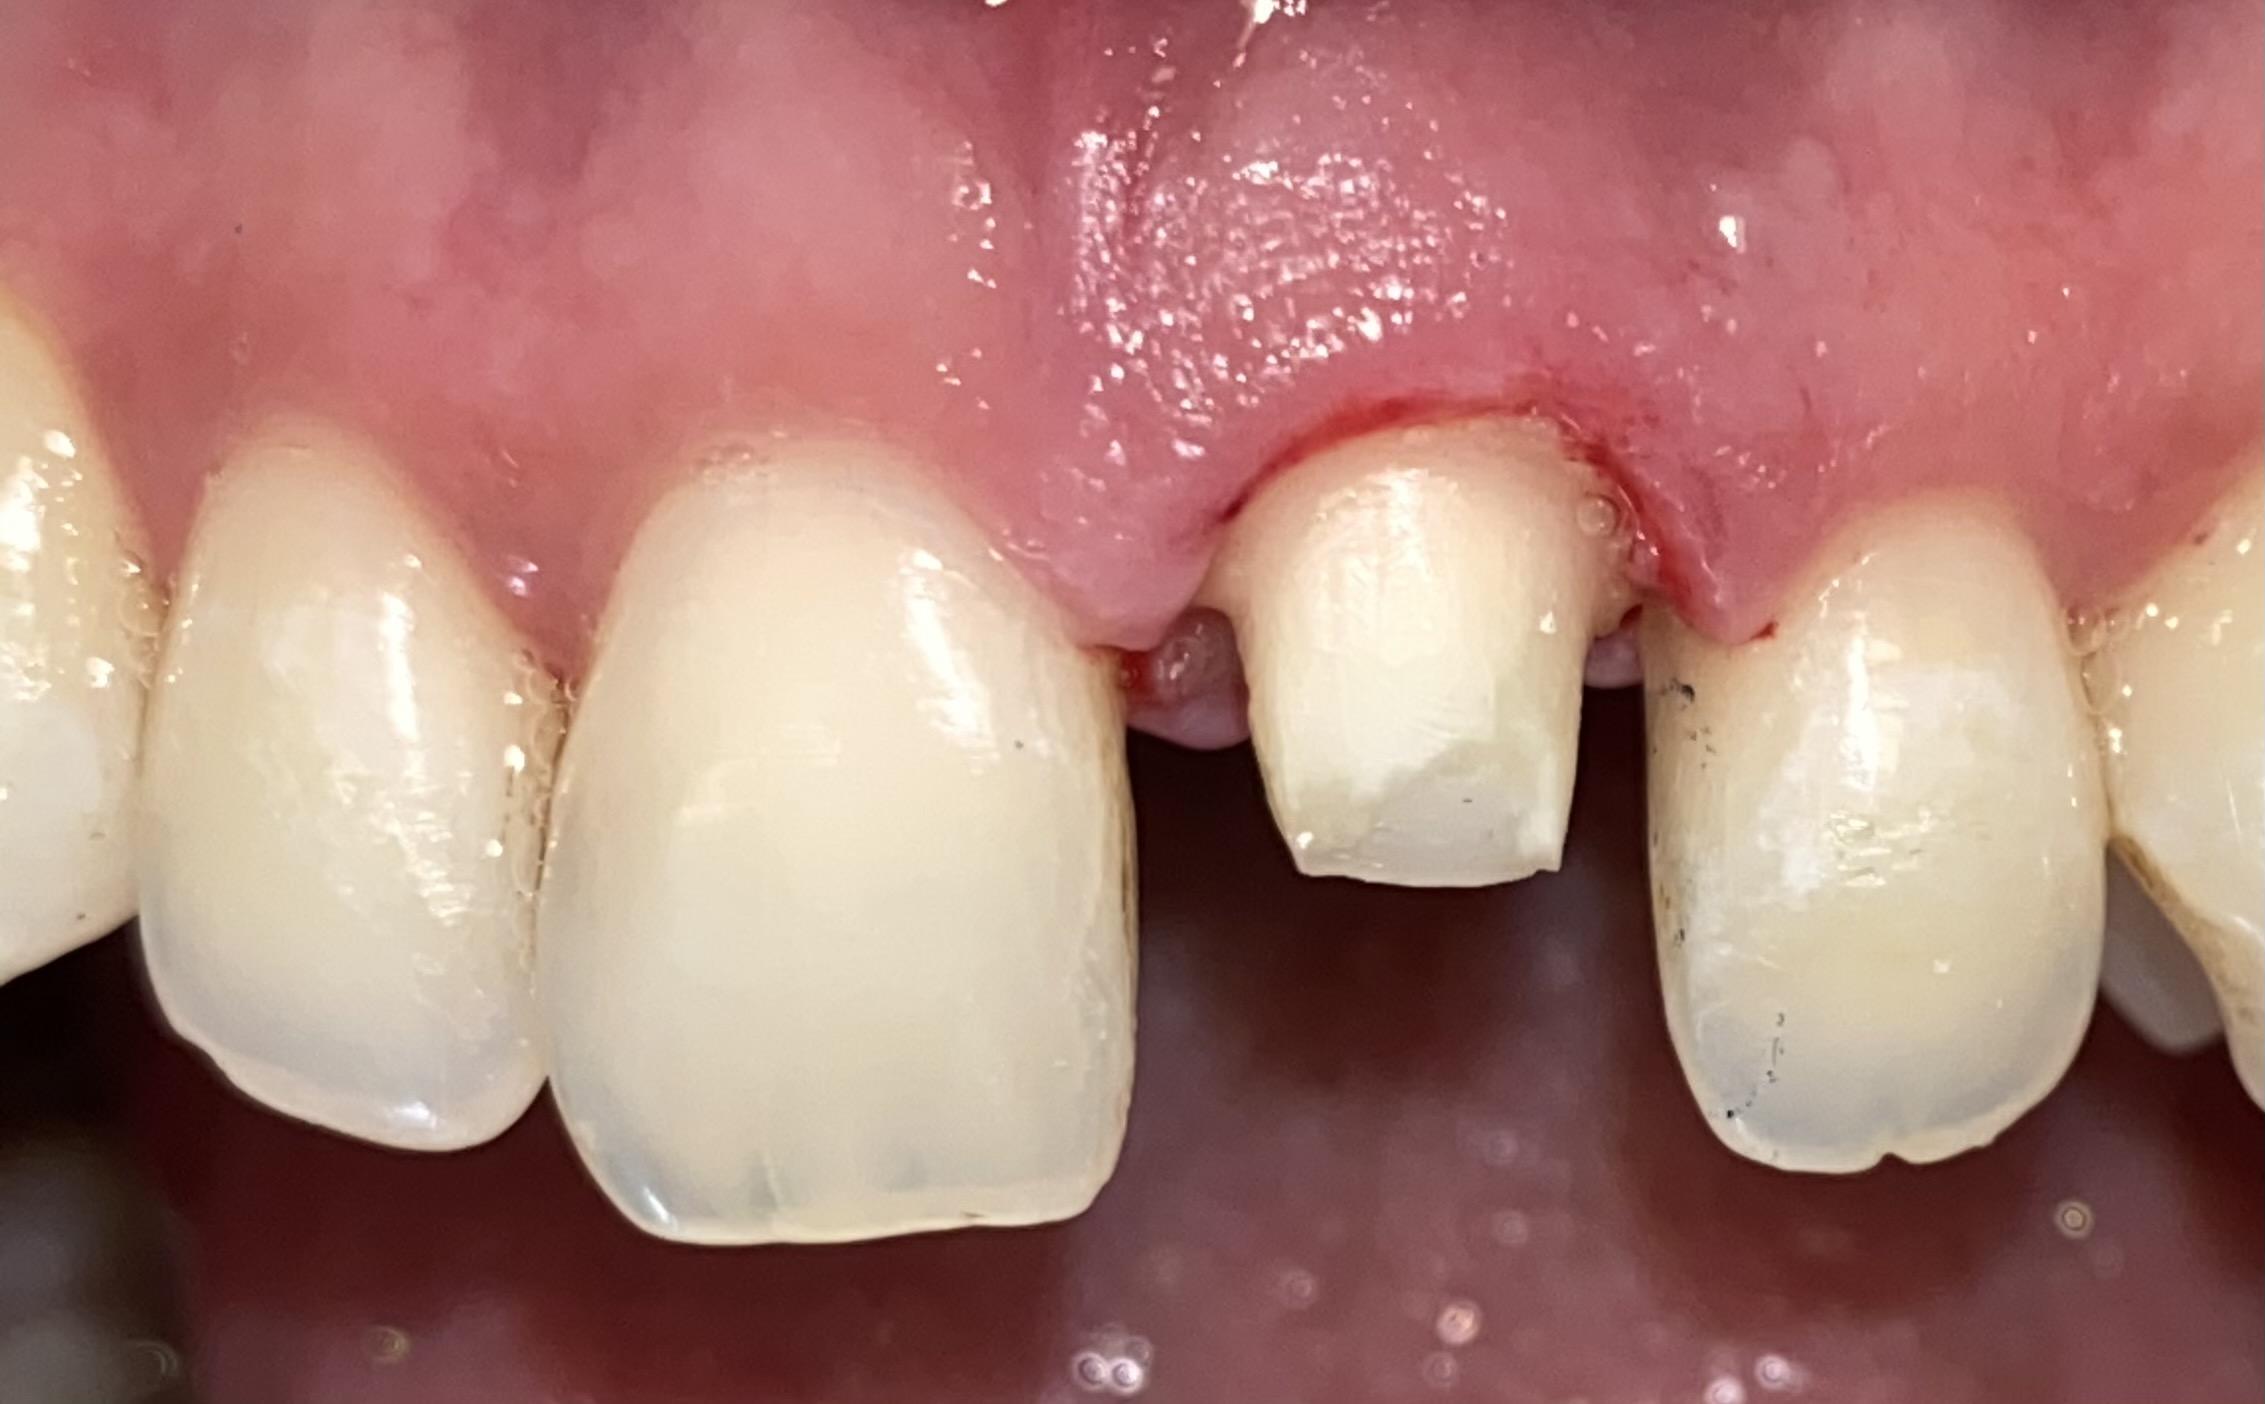 Dental Case